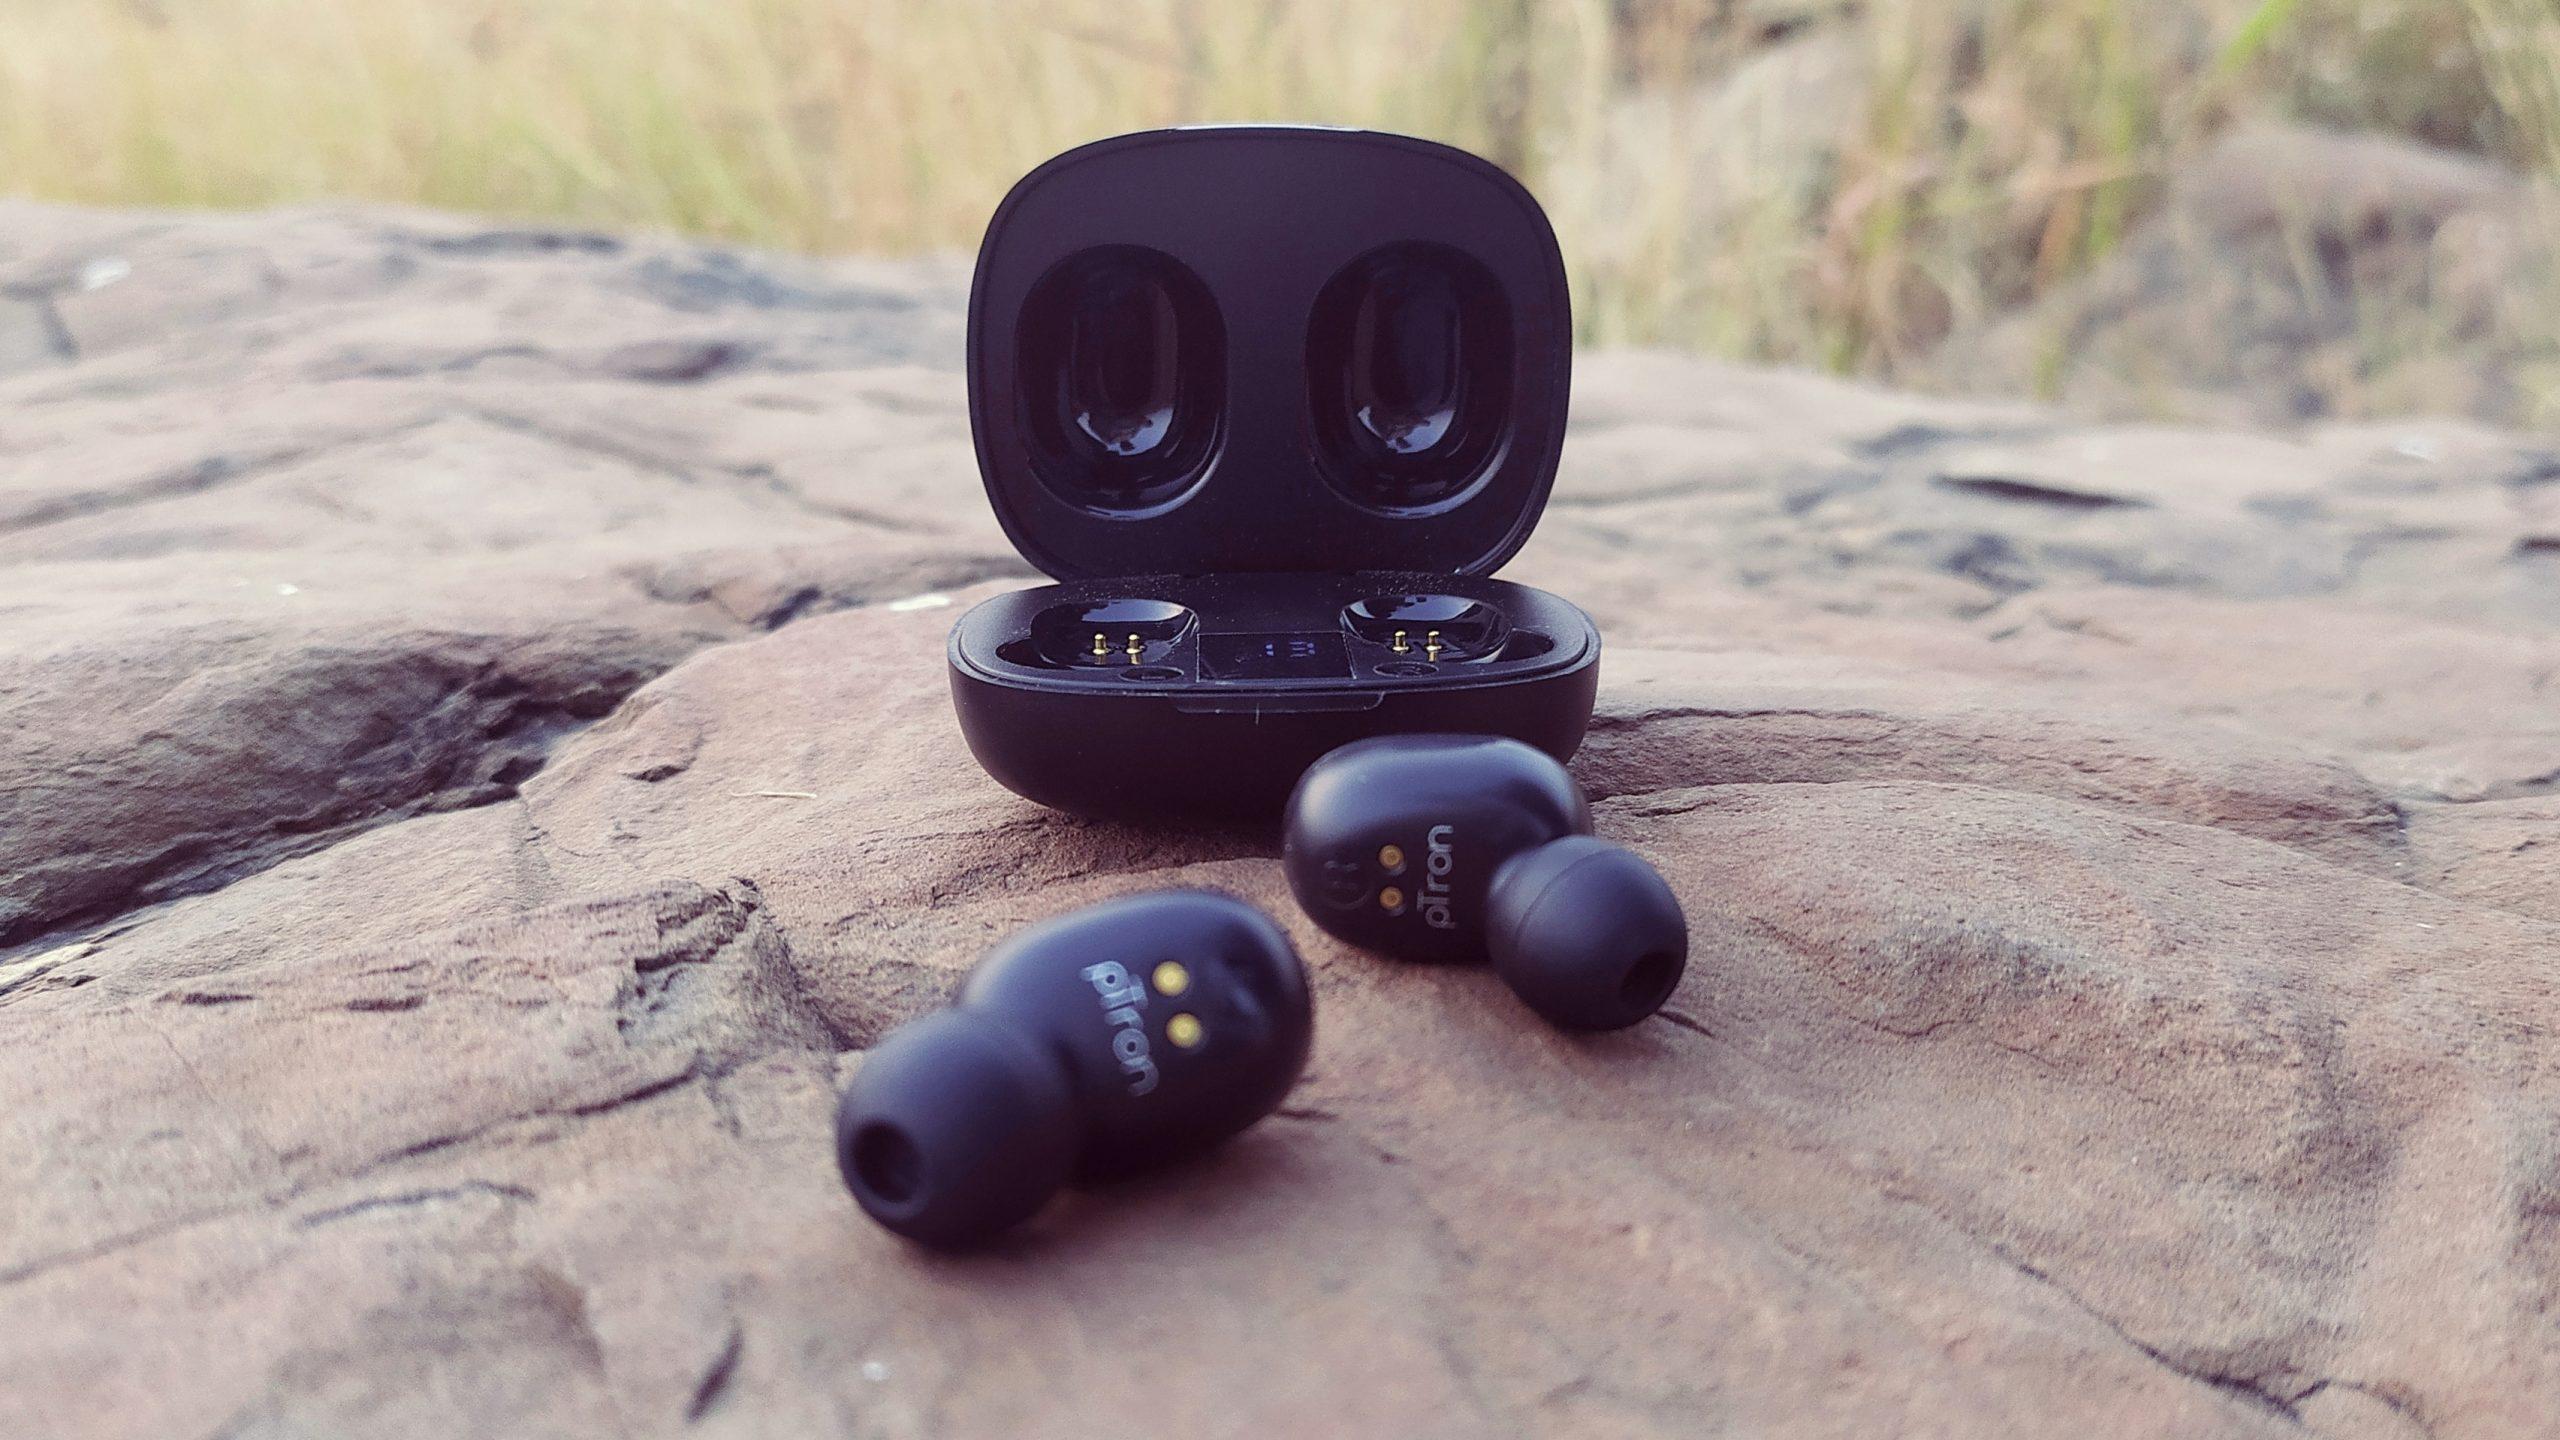 Smart earphones